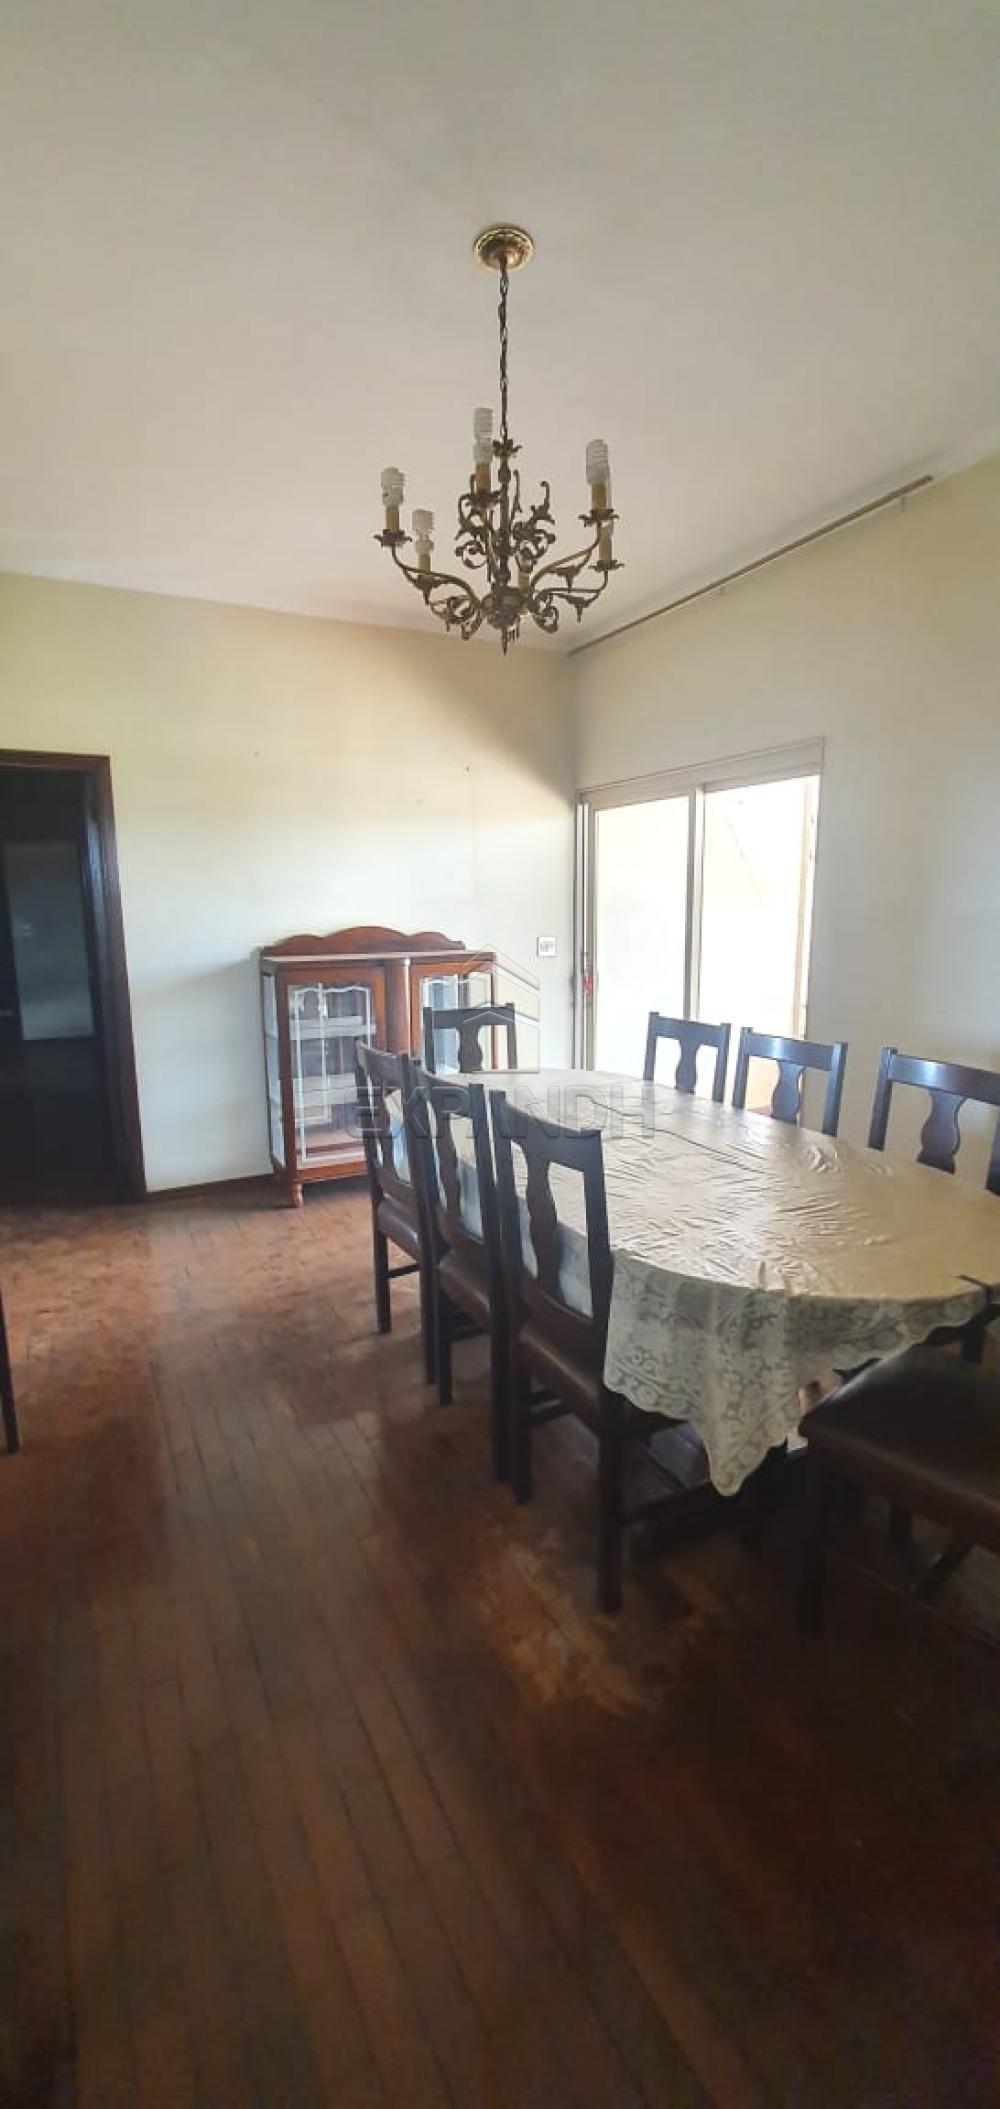 Comprar Apartamentos / Padrão em Sertãozinho apenas R$ 650.000,00 - Foto 4